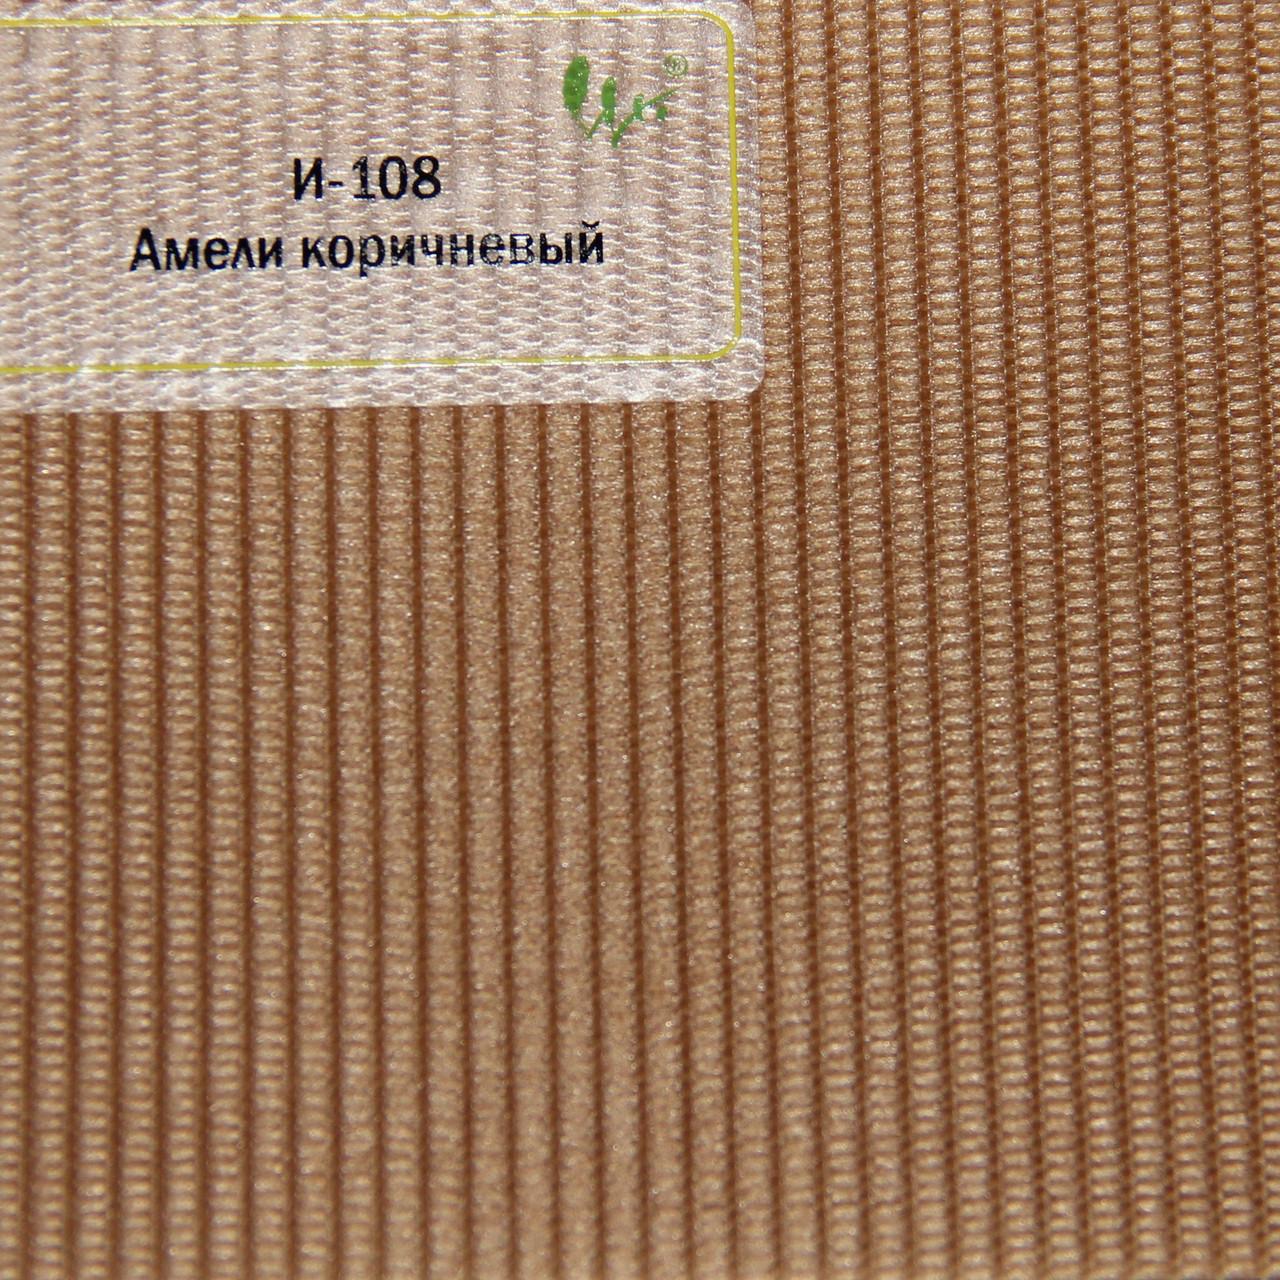 Рулонные шторы День ночь Ткань Амели Коричневый